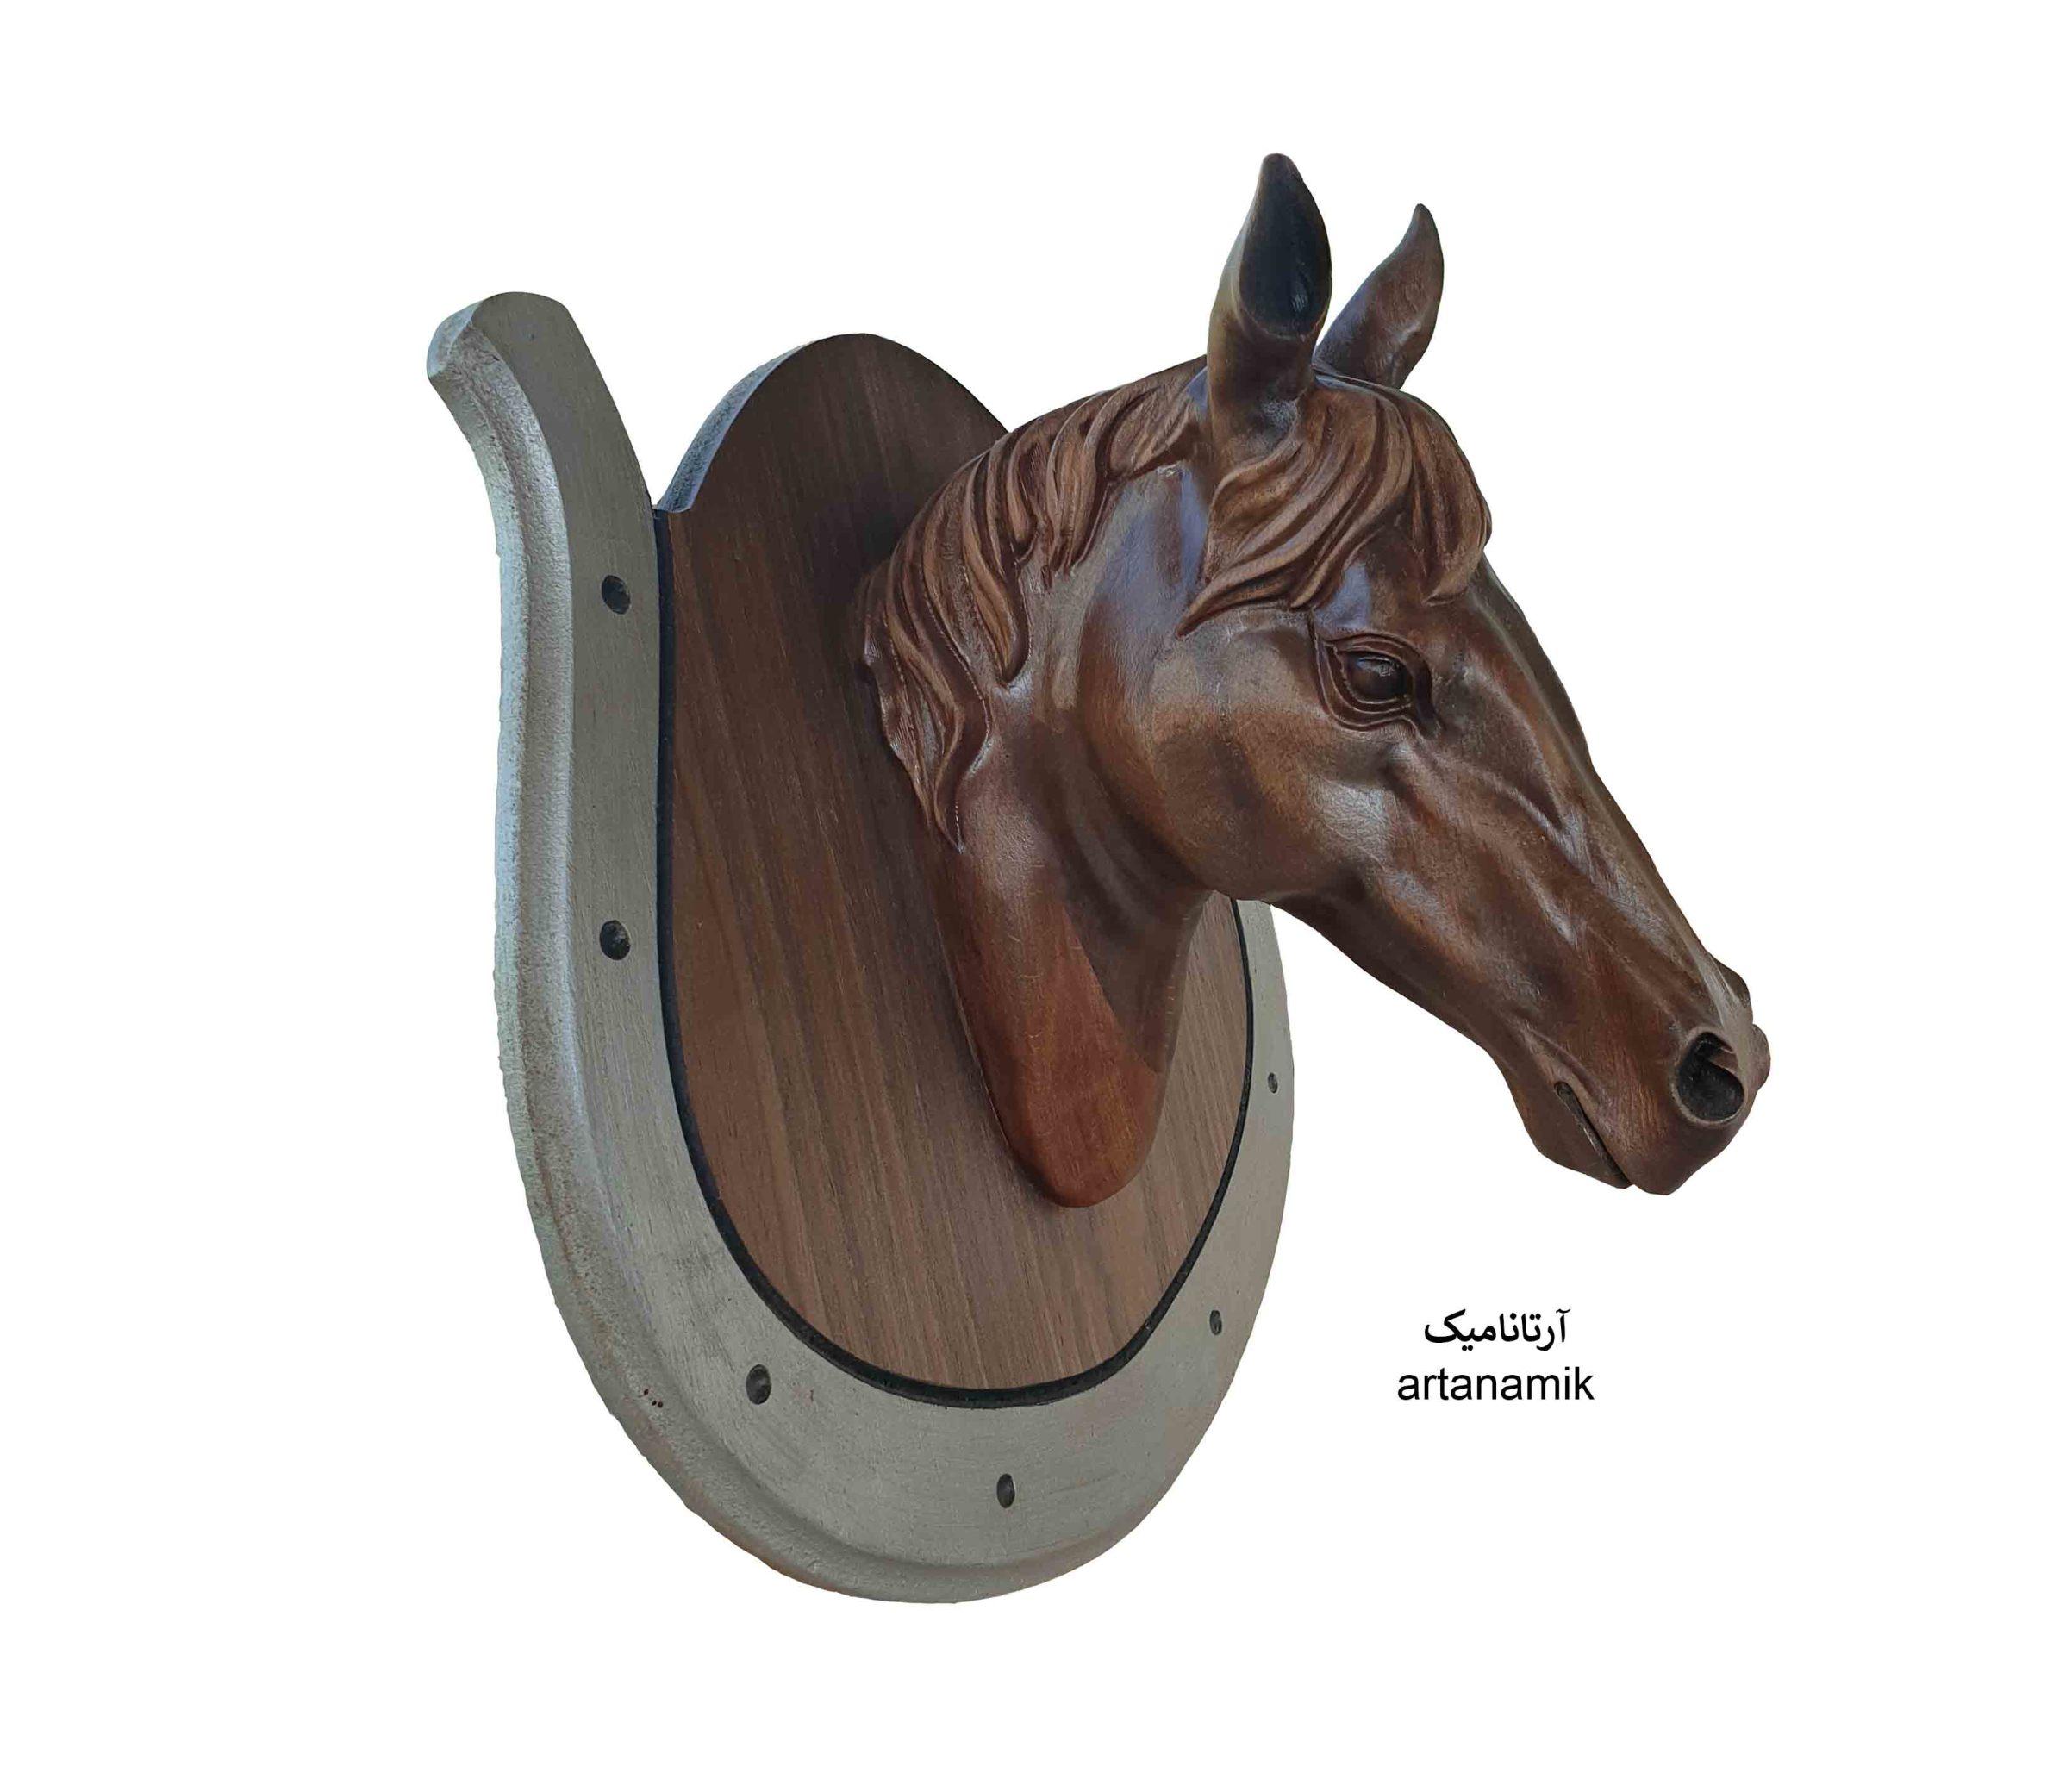 مجسمه سردیس اسب با استفاده از چوب سوپر راش گرجستان